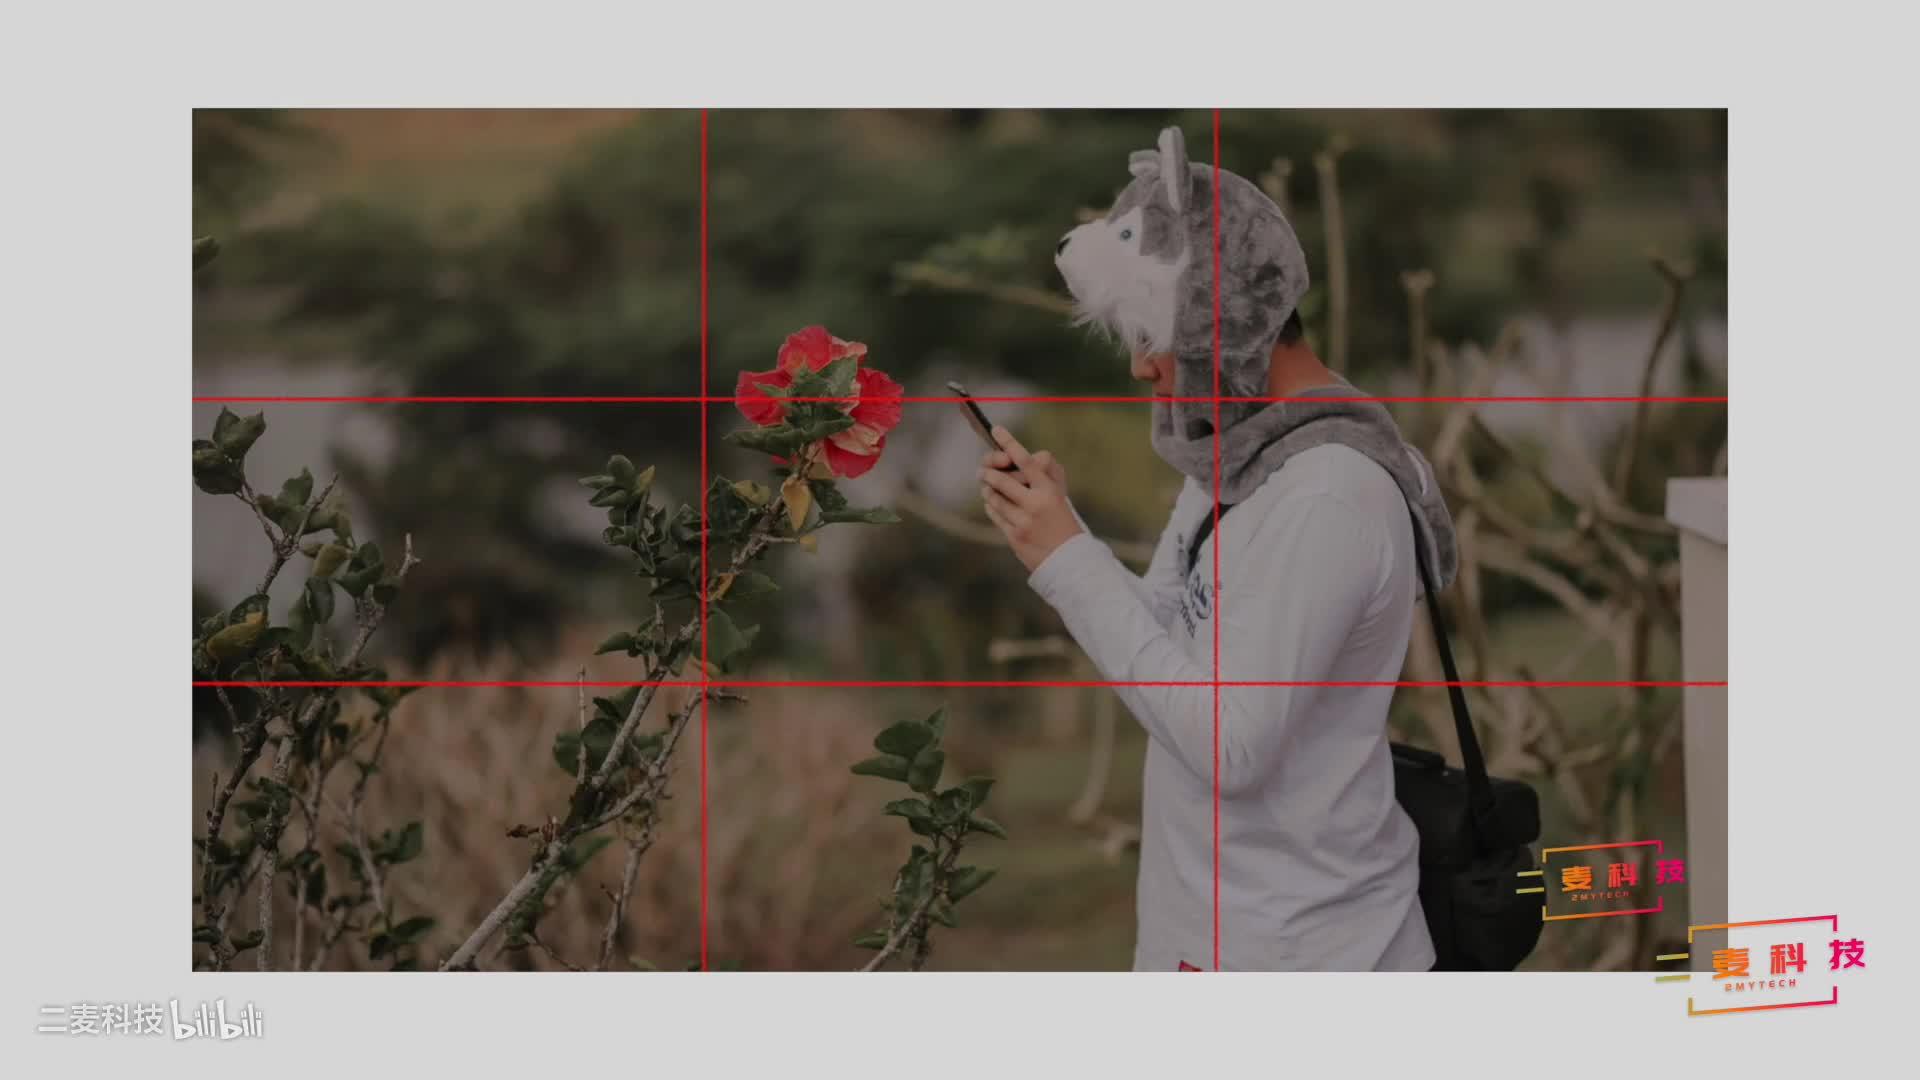 手机摄影|拿出手机拍照时,这五个技巧能助你拍出好作品